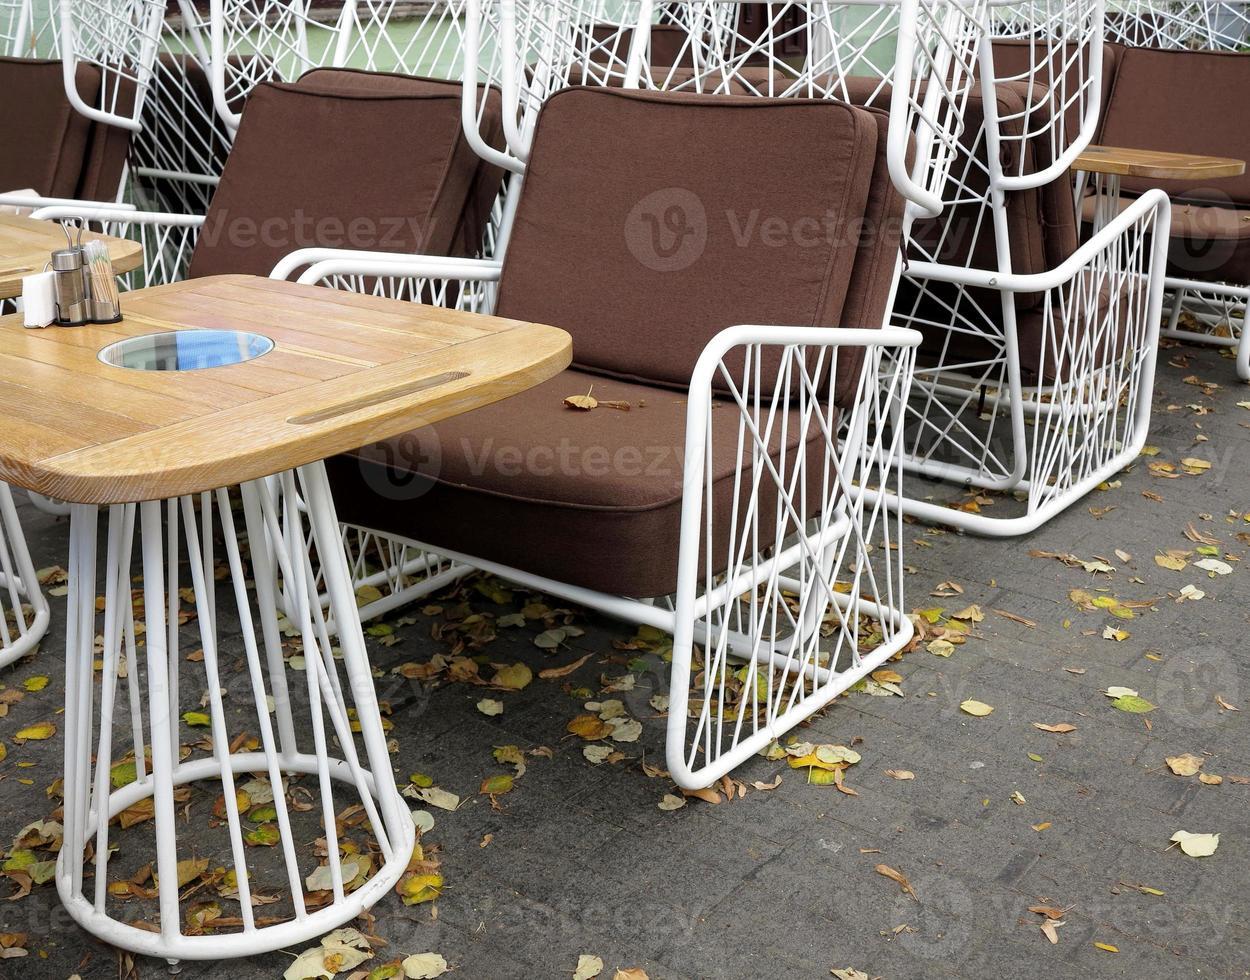 terrazza vuota del caffè autunnale con tavoli e sedie. foto